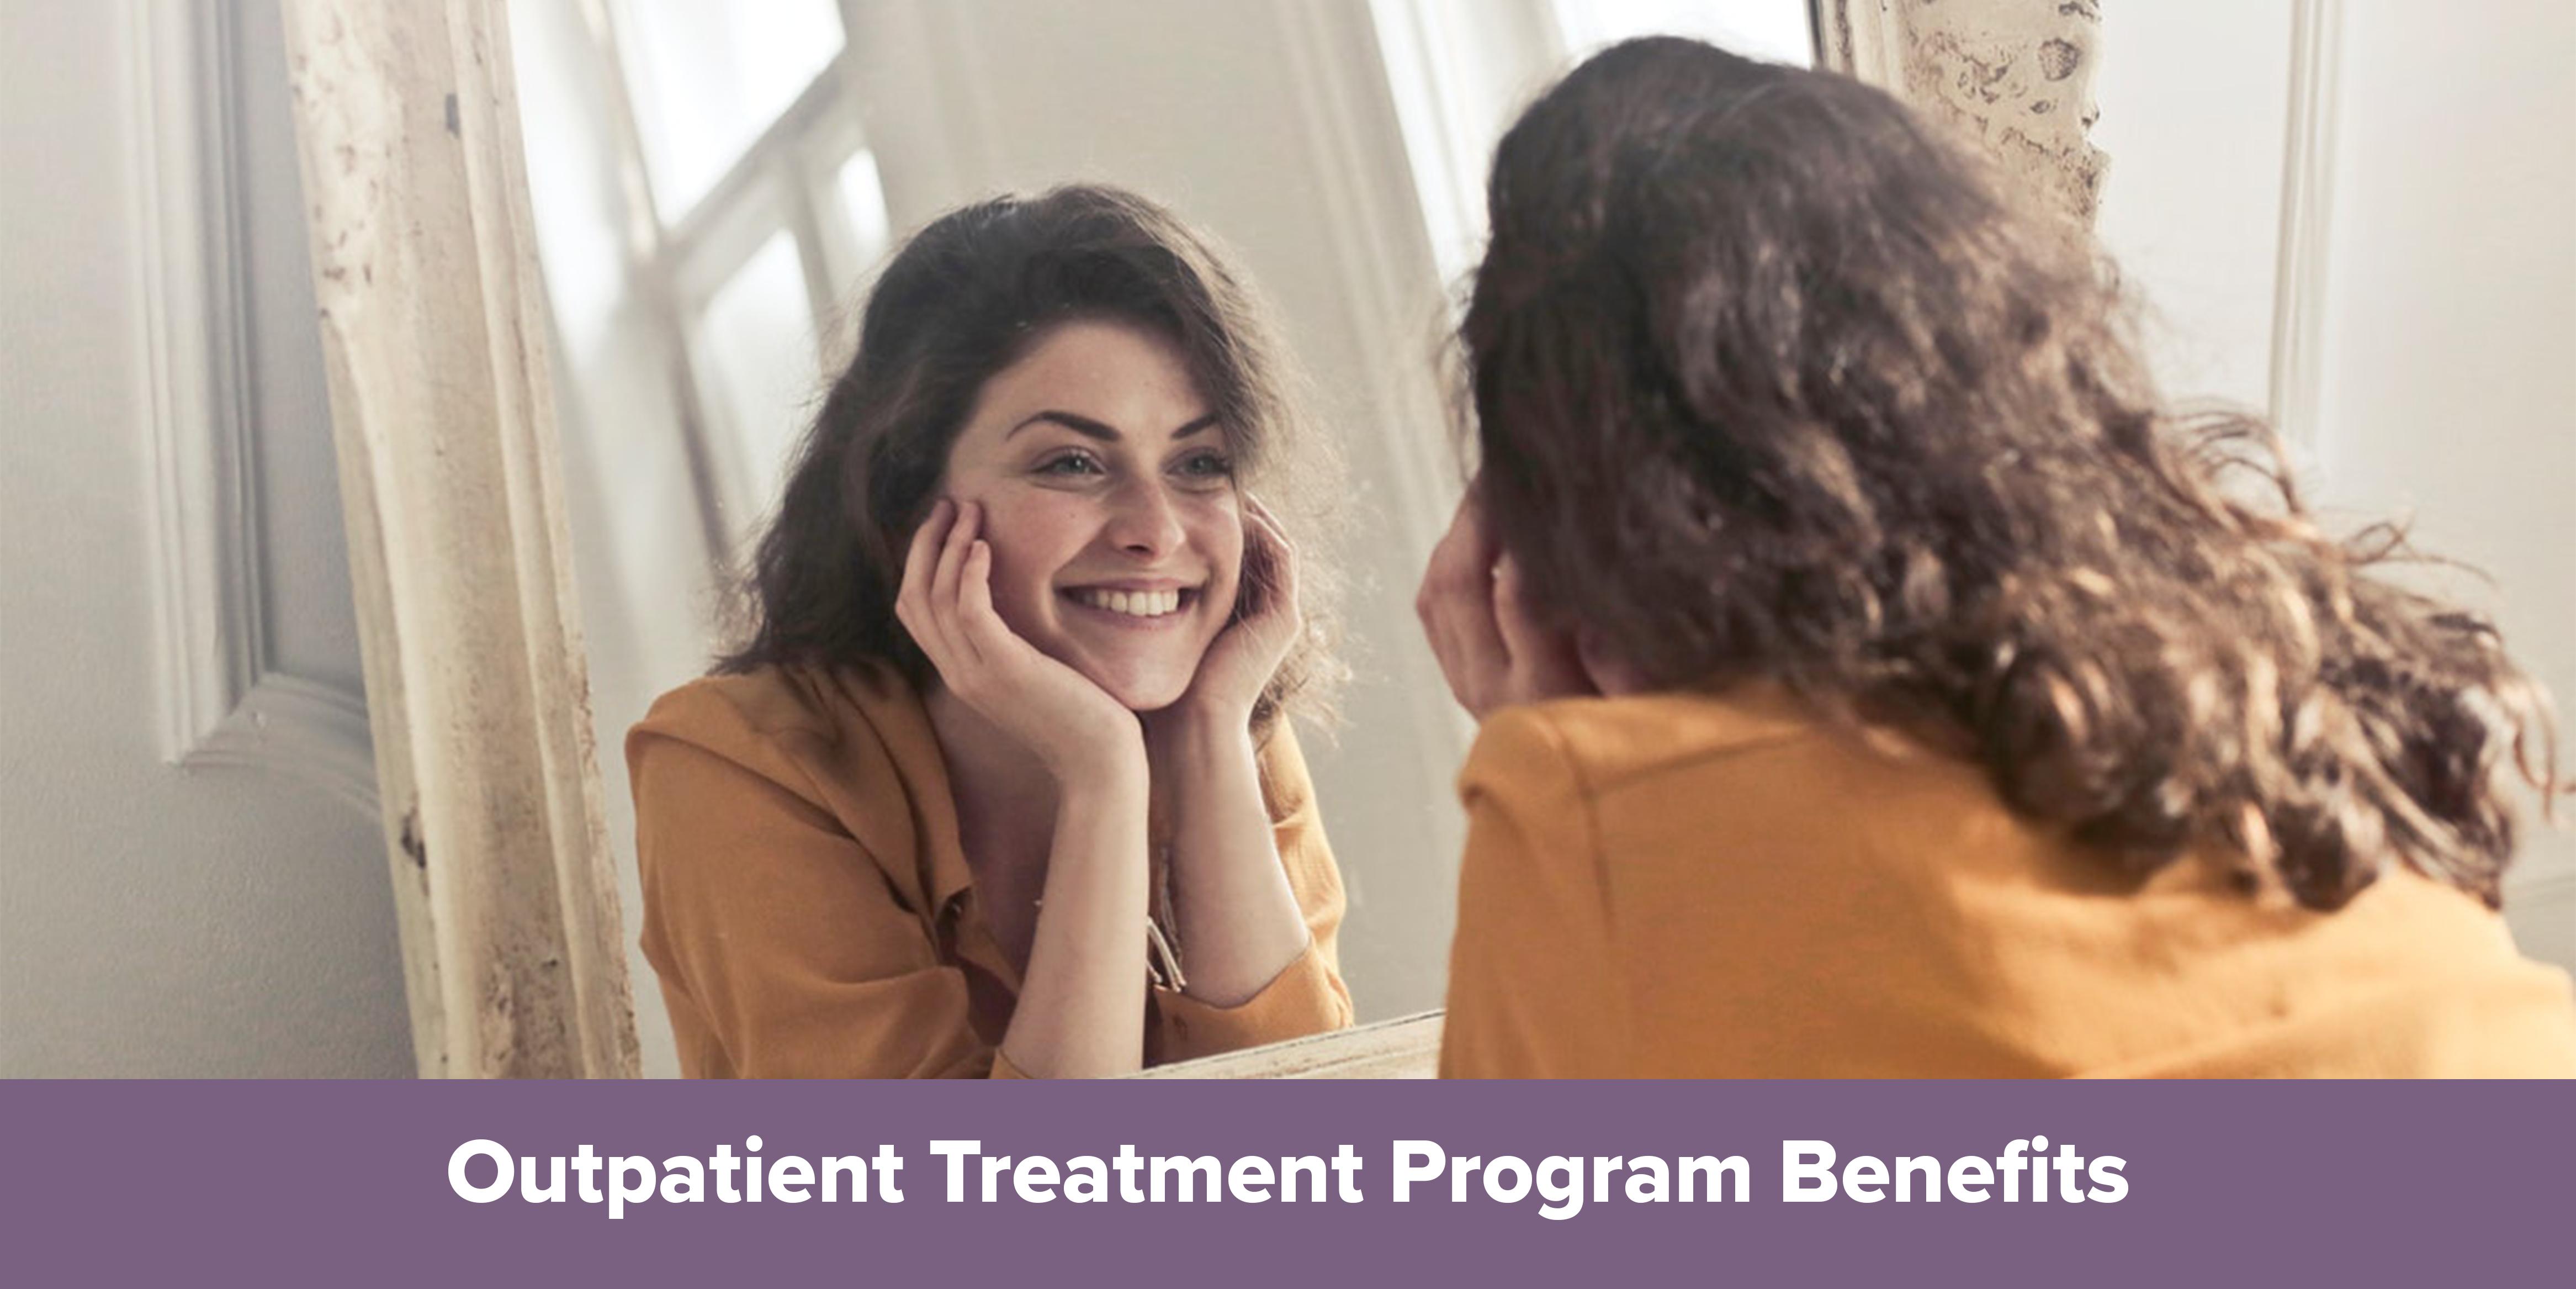 Outpatient Treatment Program Benefits